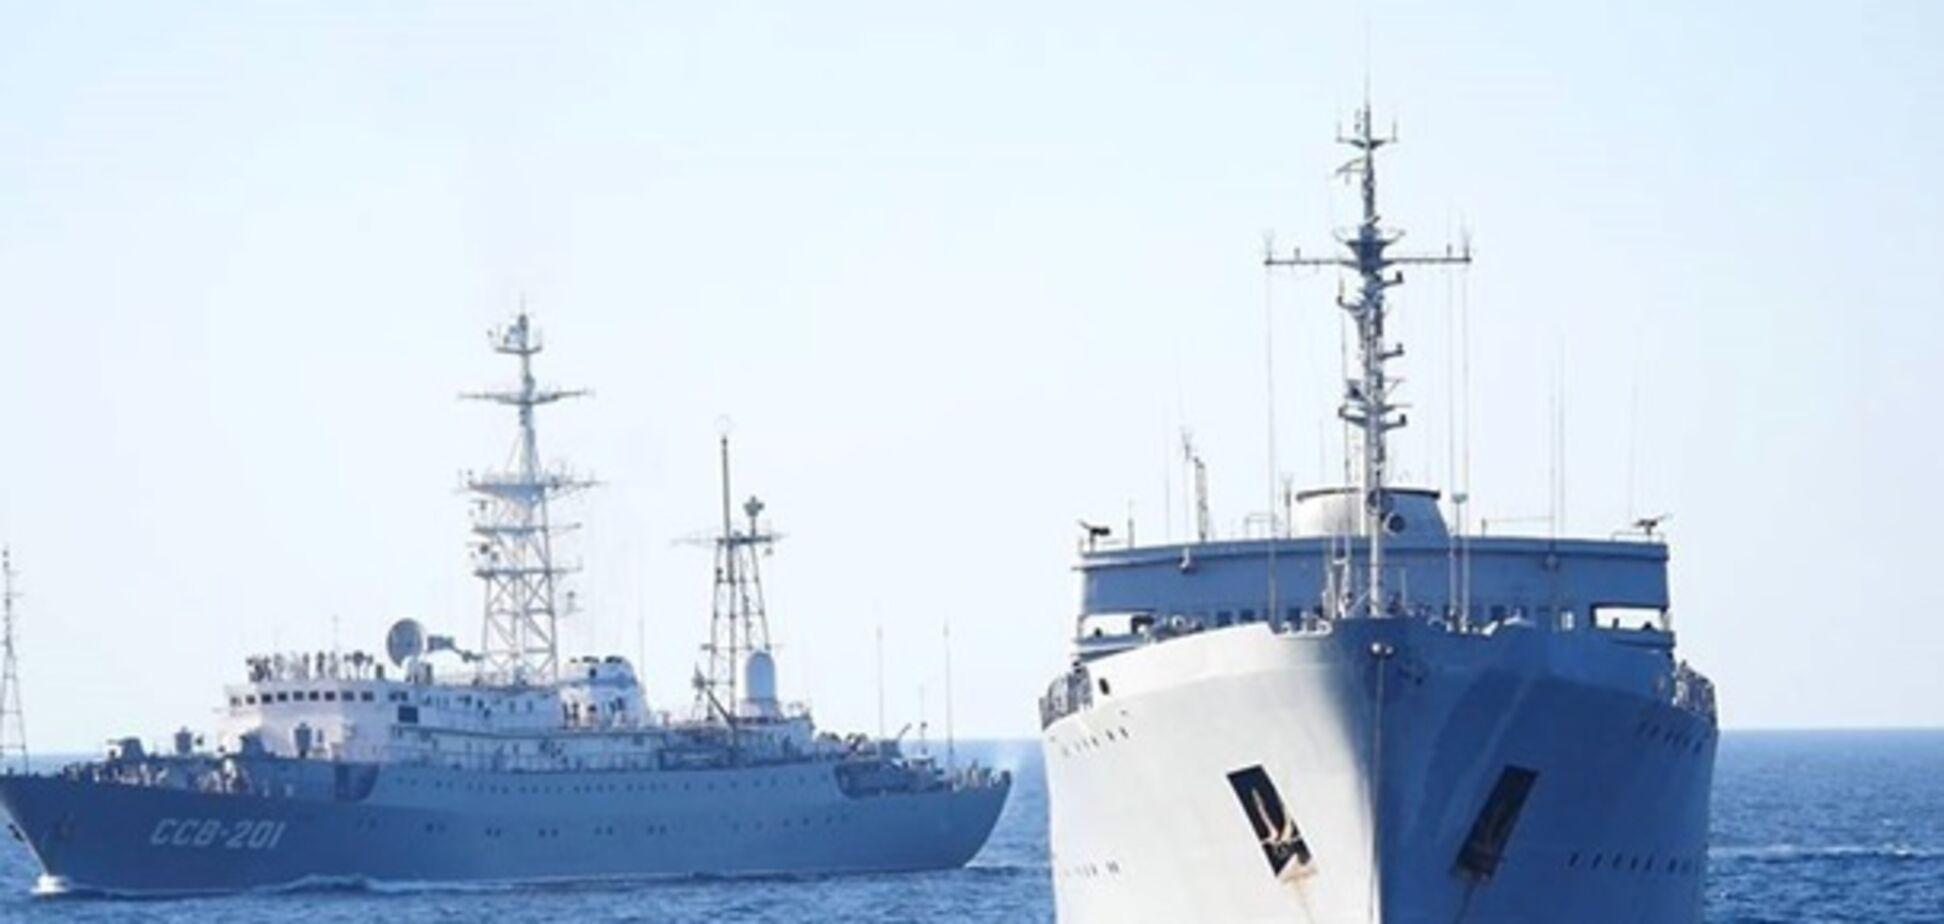 Борьба против российской блокады Азовского моря: пора разрывать договор!